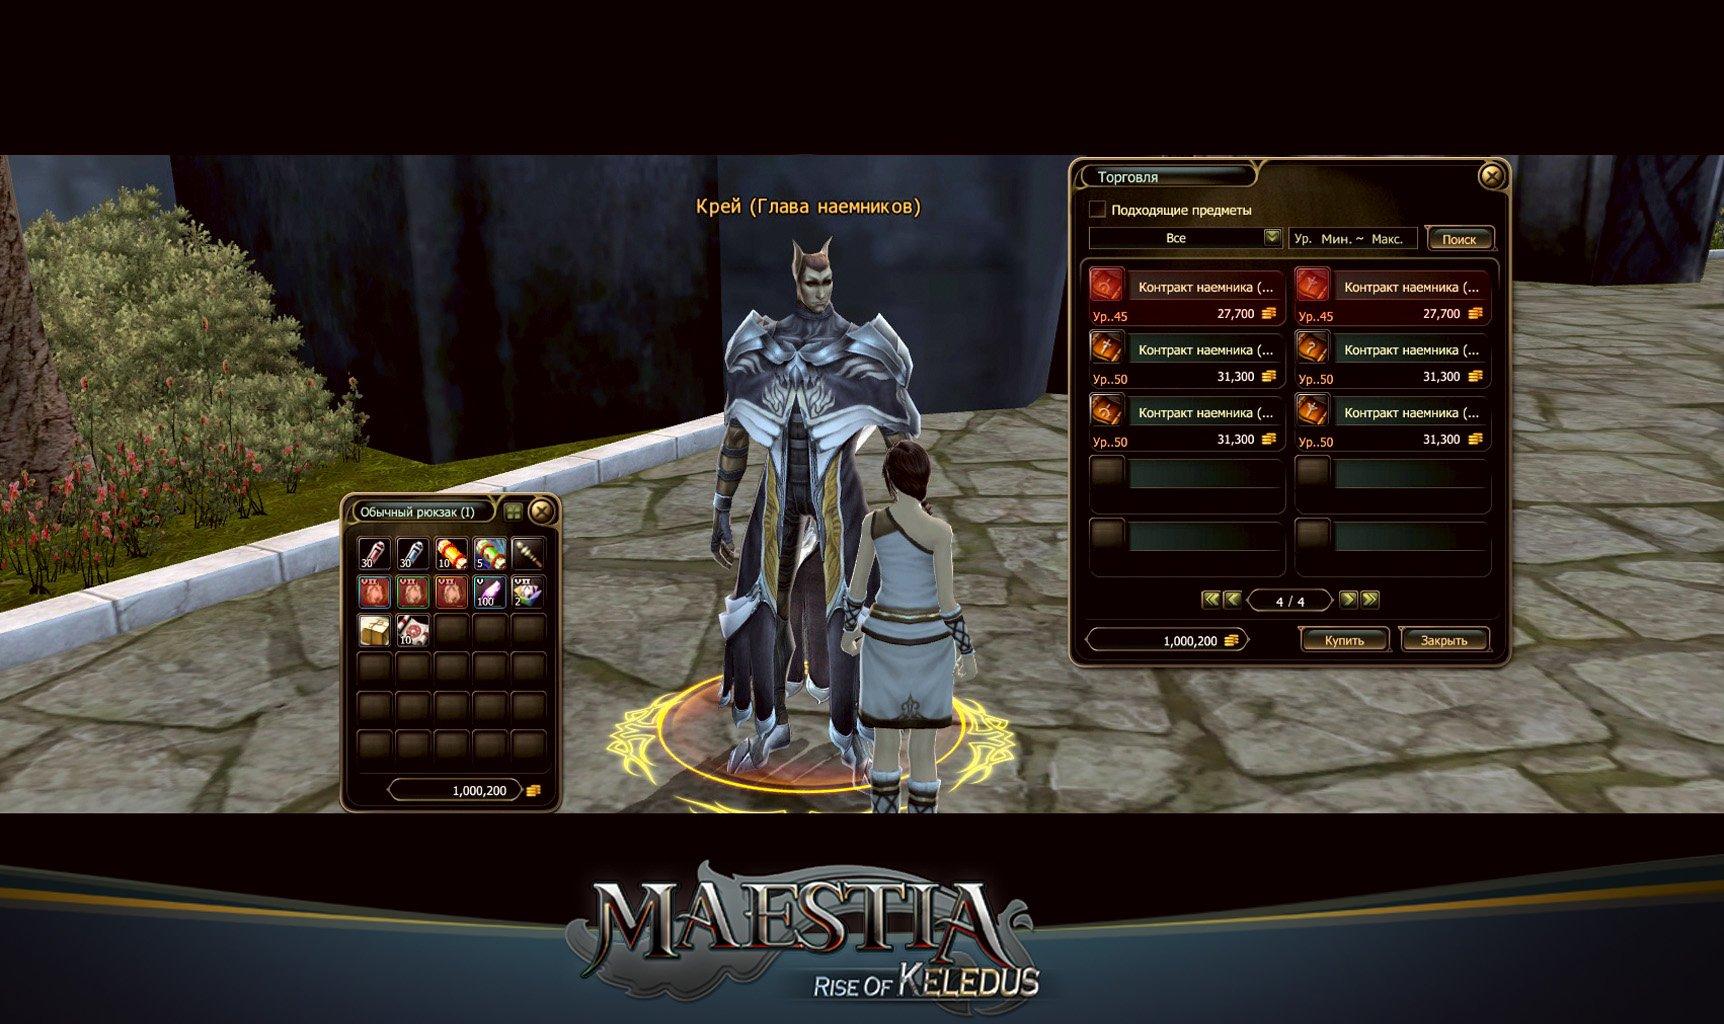 Maestia — онлайновая вселенная с удивительным колоритом и геймлейными решениями. В ней есть место и магическим камня ... - Изображение 1